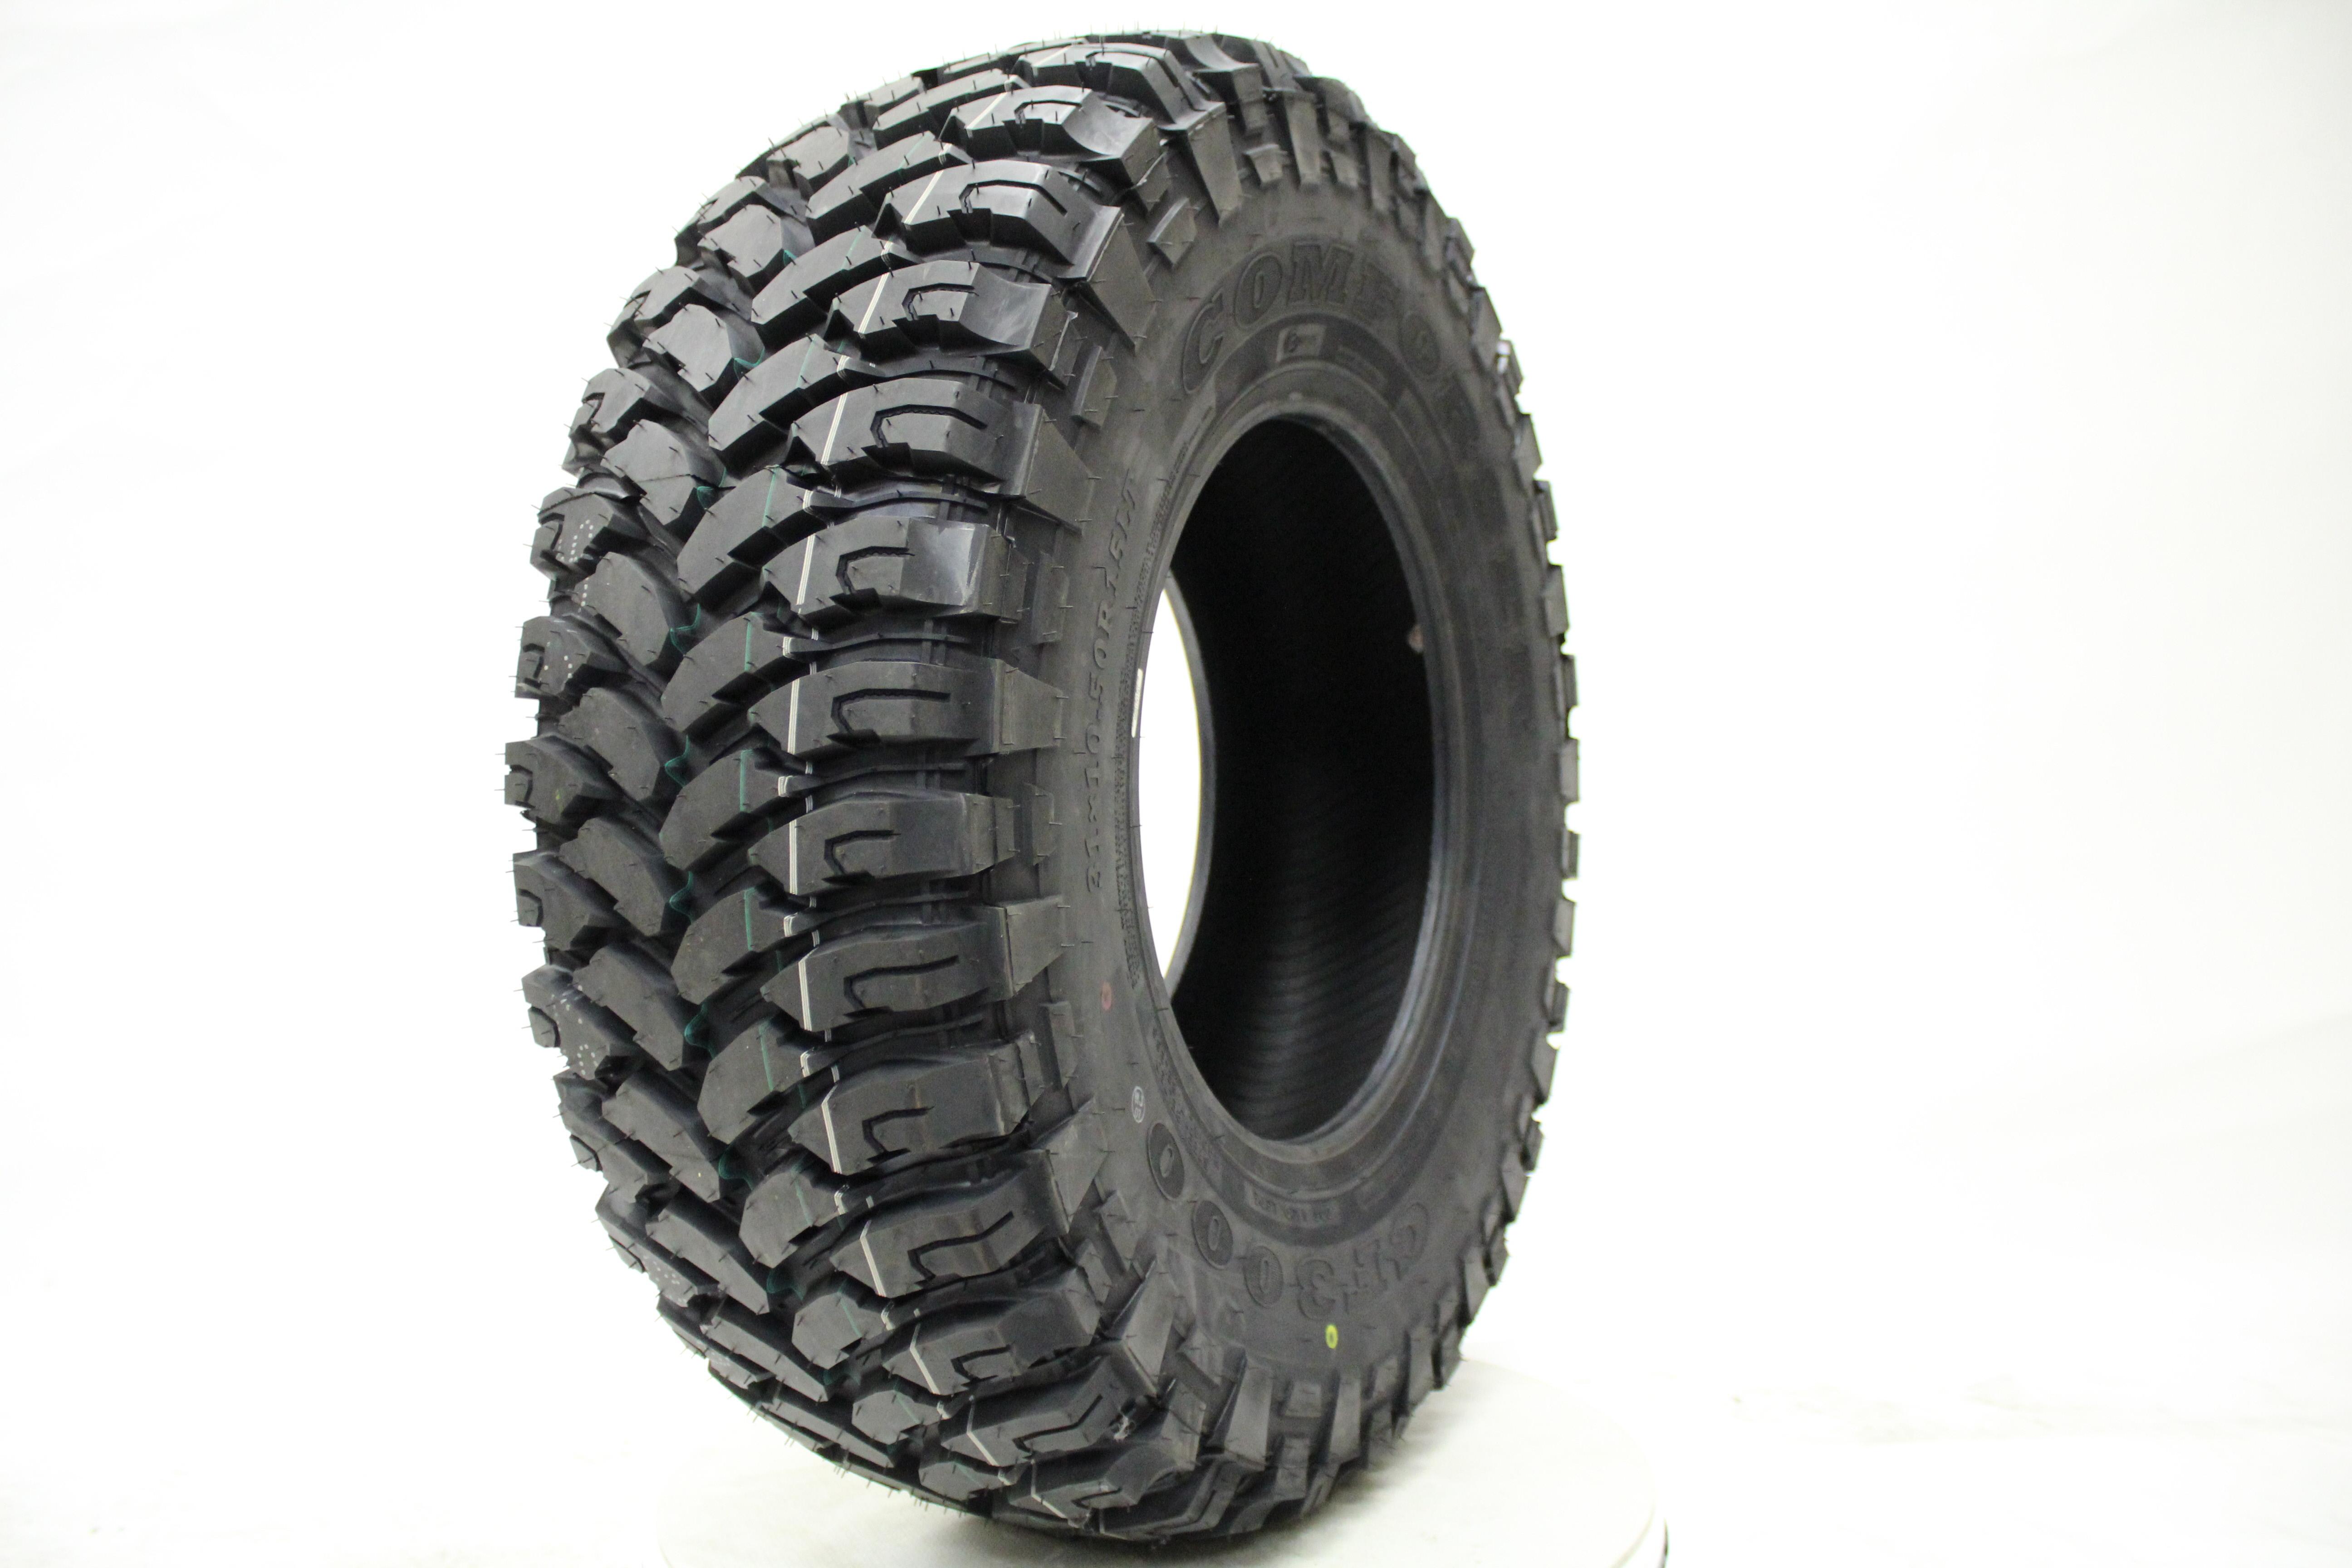 31×10 50r15 Tires >> Comforser Cf3000 31 10 50r15 Q